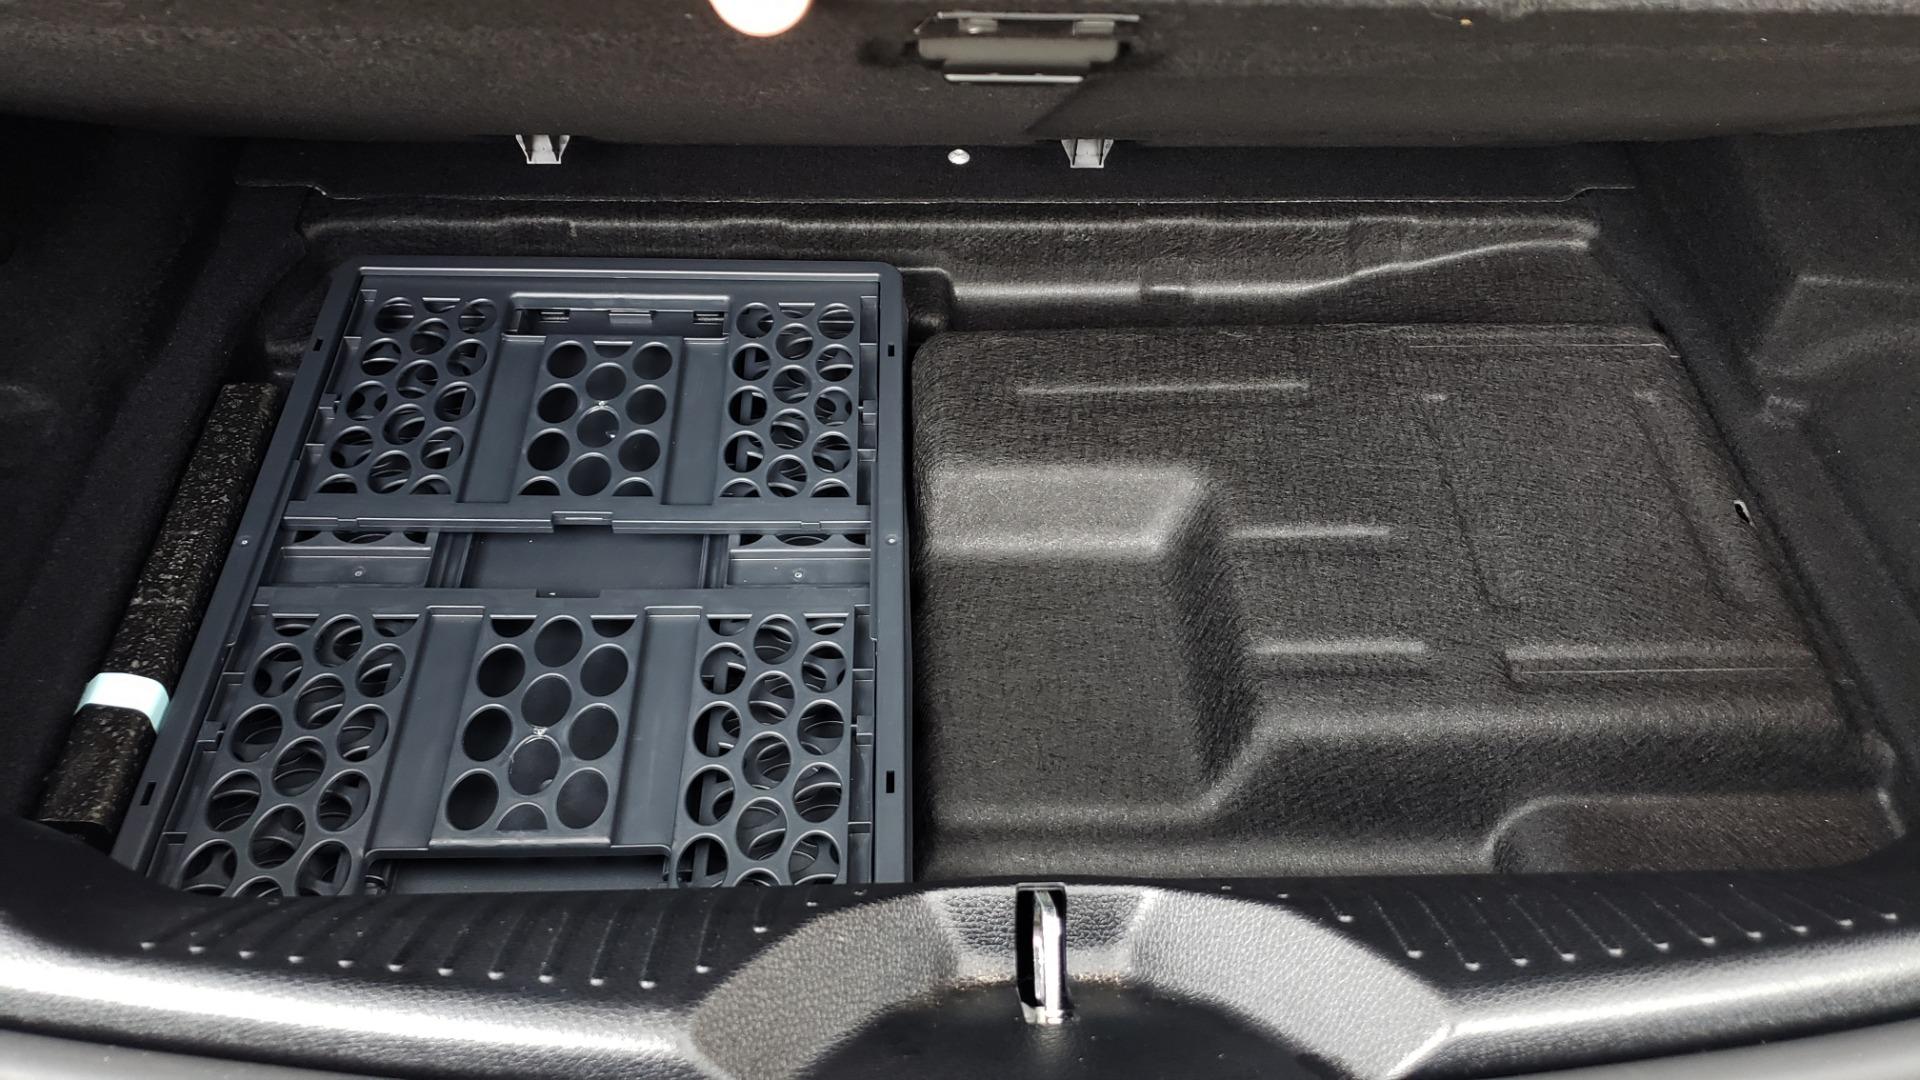 Used 2019 Mercedes-Benz C-CLASS C 300 CABRIOLET / PREM PKG / NAV / BURMESTER / MULTIMEDIA for sale $49,995 at Formula Imports in Charlotte NC 28227 66